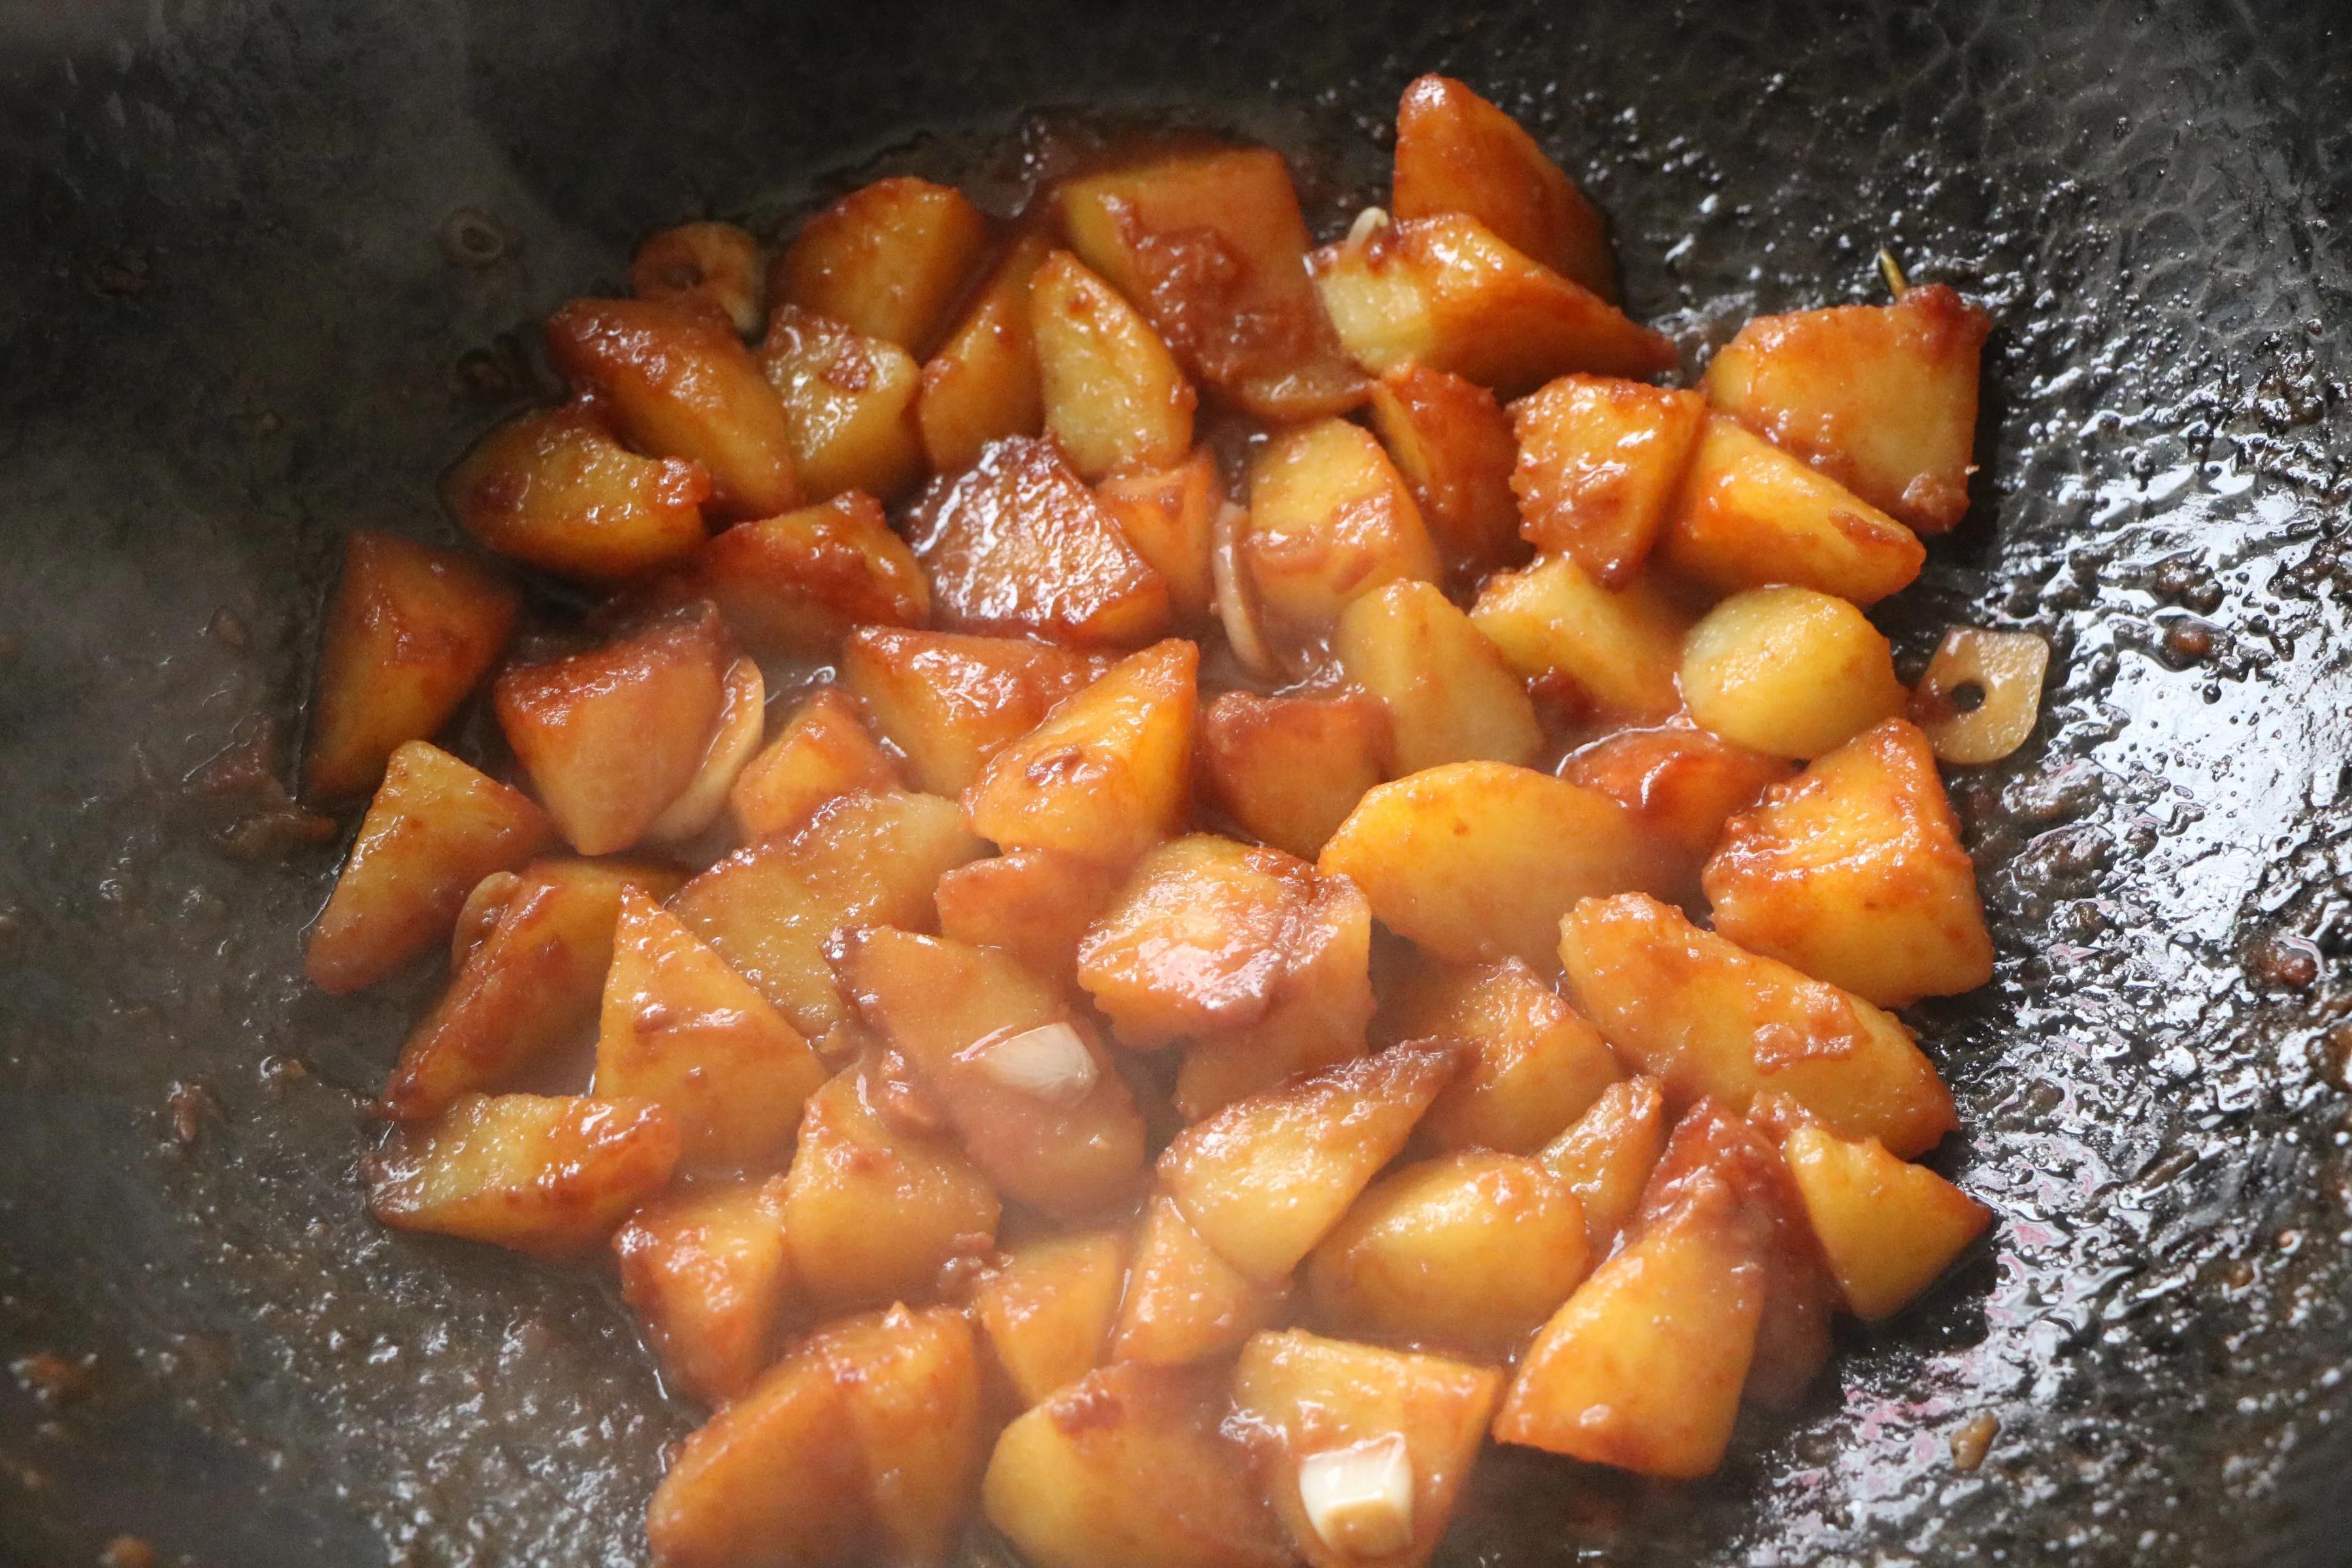 土豆简单做一做,当饭又当菜,软烂入味,入口即化,比红烧还过瘾 美食做法 第8张